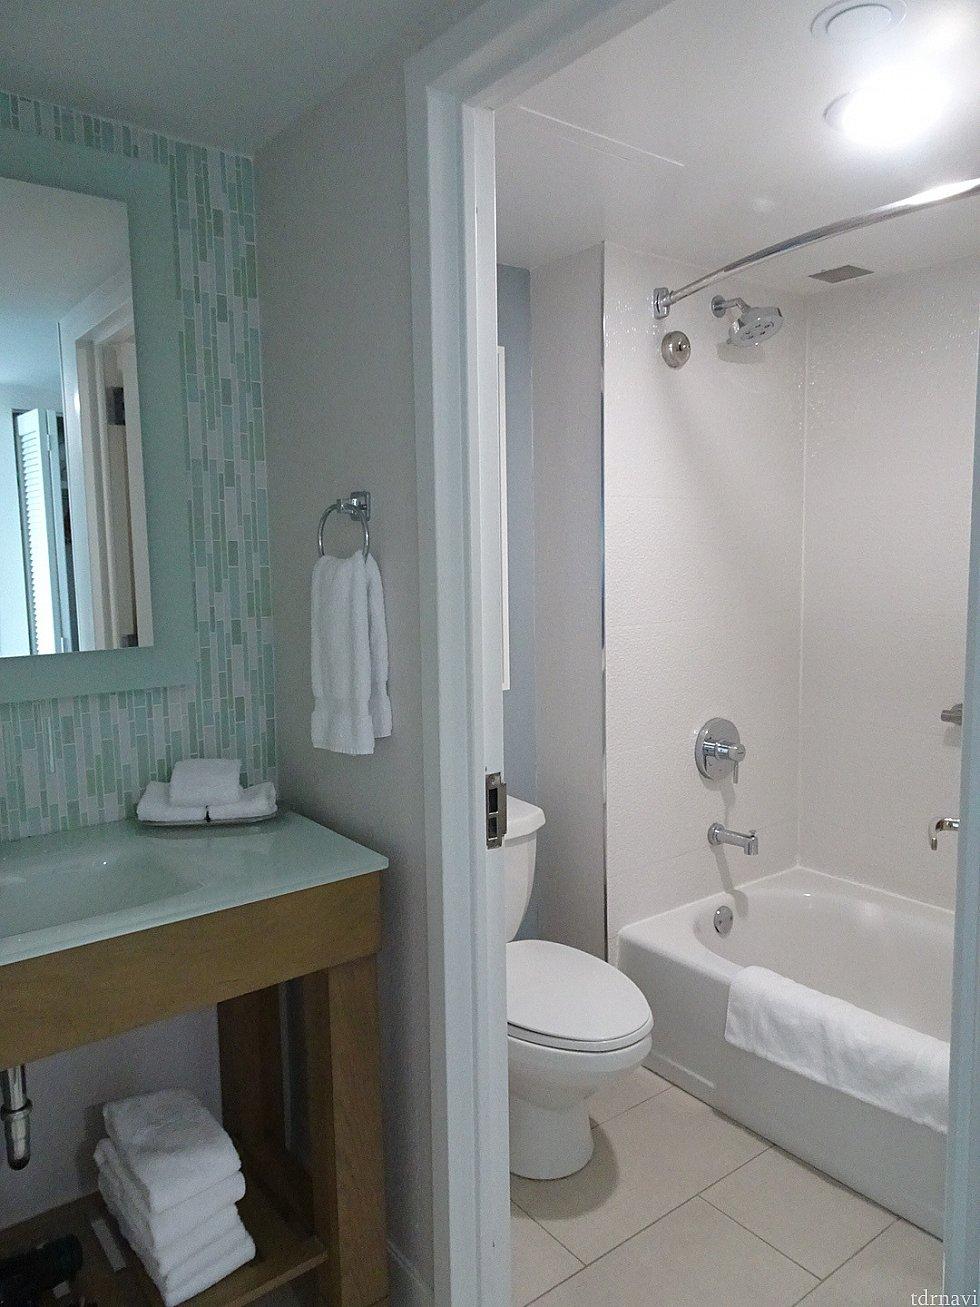 やったね❣️バスタブ😆 シャワーは可動式じゃないので洗面器にお湯を溜めて流していました